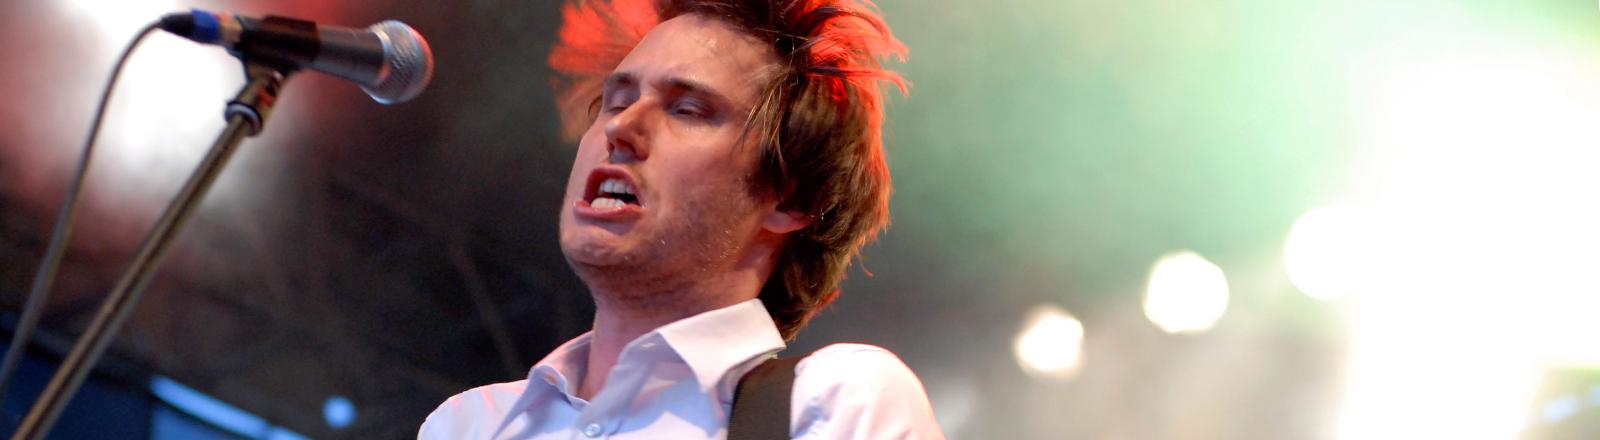 """Der Sänger Dirk von Lowtzow von der Hamburger Band """"Tocotronic"""", aufgenommen am 27.07.2007 im Berliner Poststadion beim Berlin-Festival."""